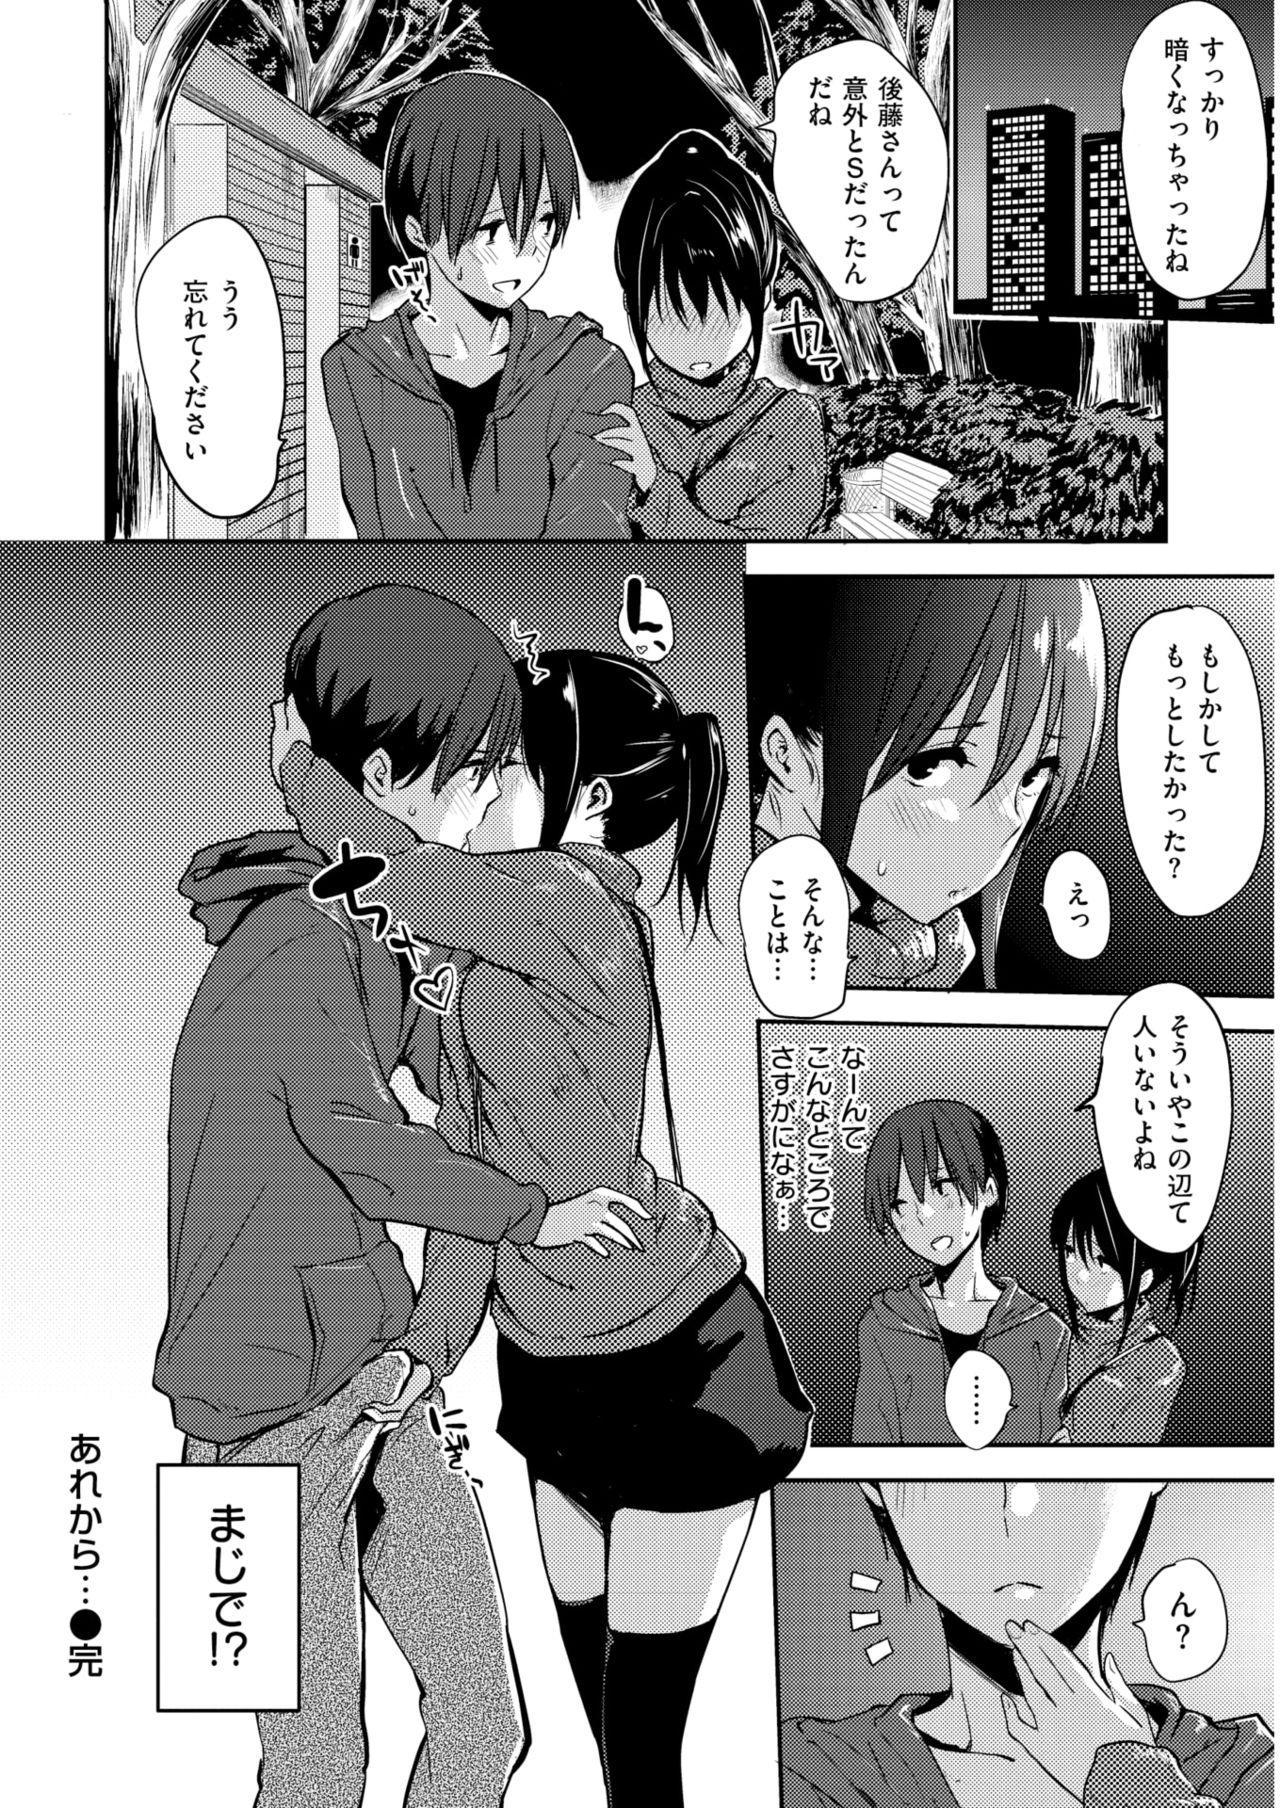 COMIC Kairakuten 25 Shuunen kinen tokubetsugou 292